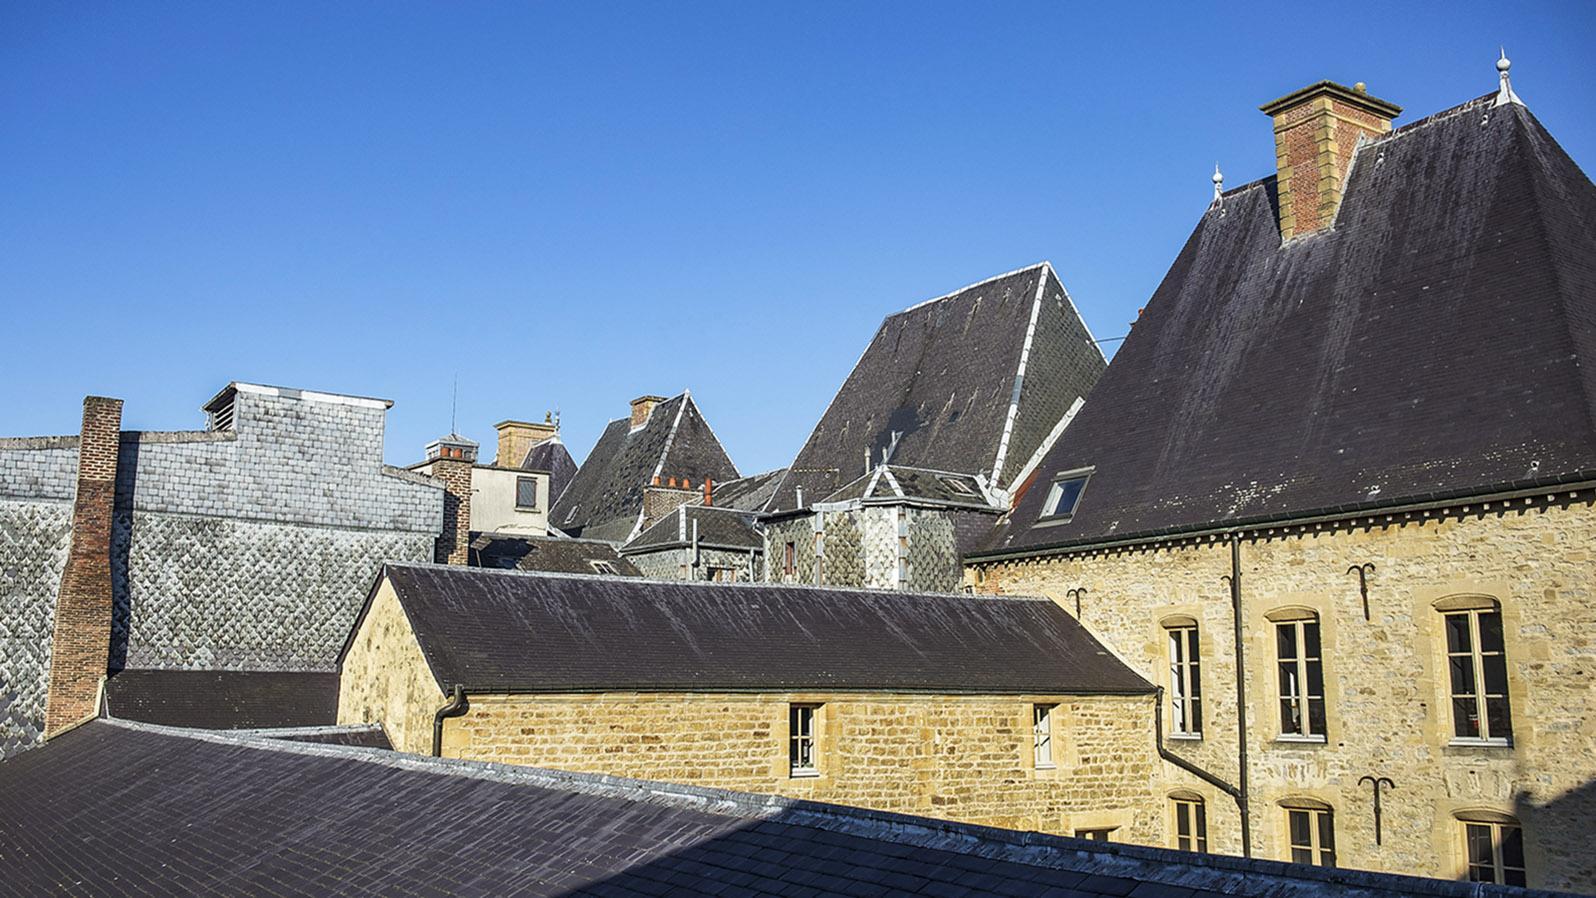 Ein Blick über die Dächer von Charleville-Mézières. Foto: Hilke Maunder